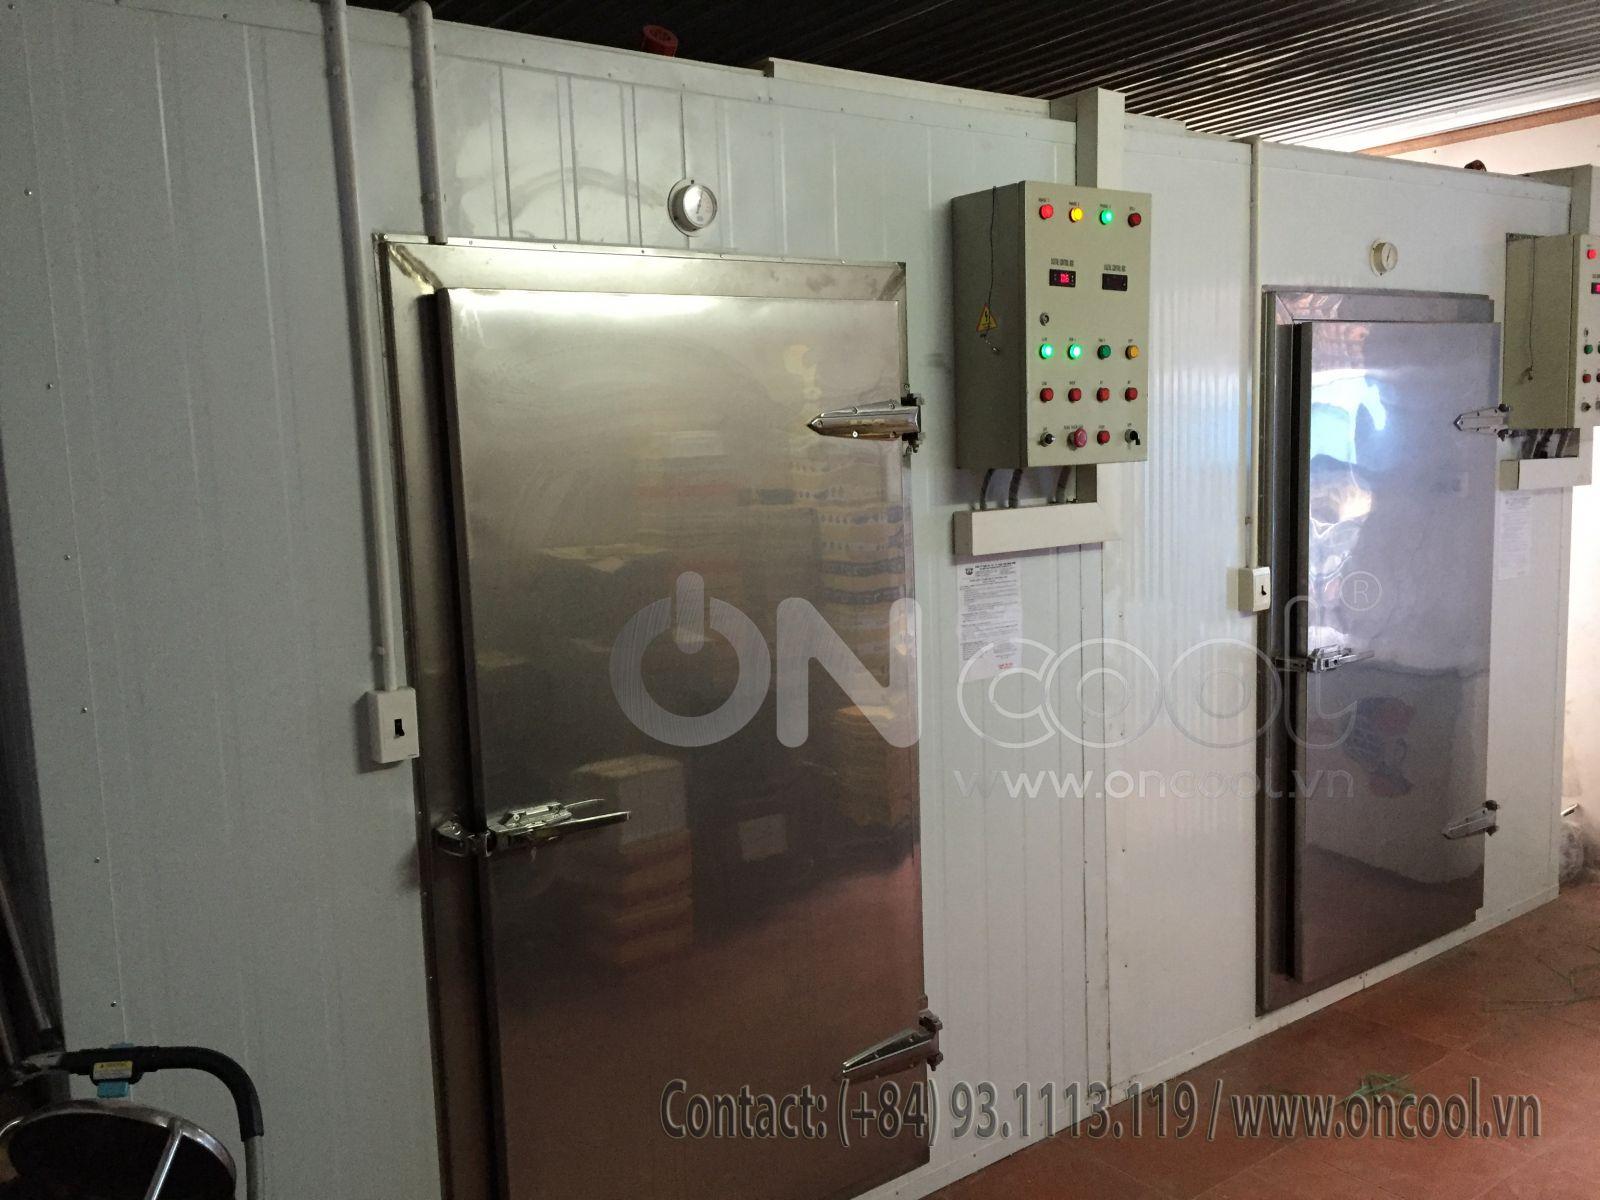 Cửa kho lạnh bằng inox 304 chất lượng cao